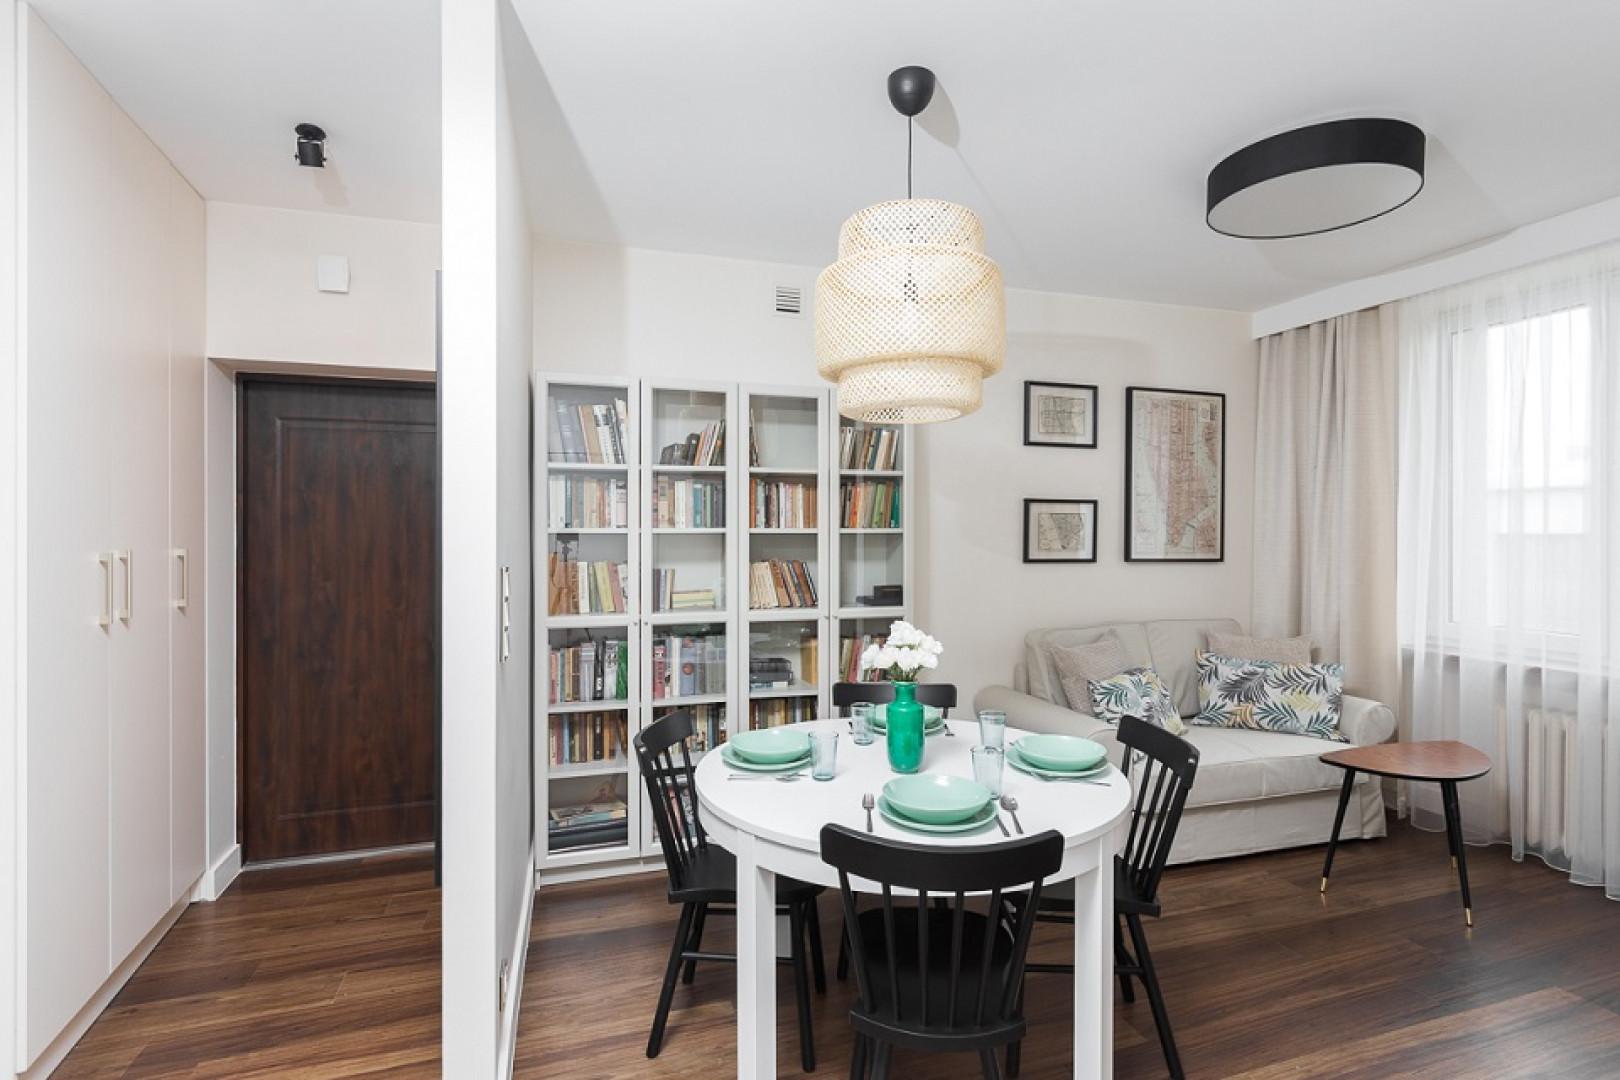 Jeśli w mieszkaniu jest dość duży stół, kącik wypoczynkowy możemy ograniczyć do małej kanapy i niewielkiego stolika. Realizacja Clue Design/Dekorian